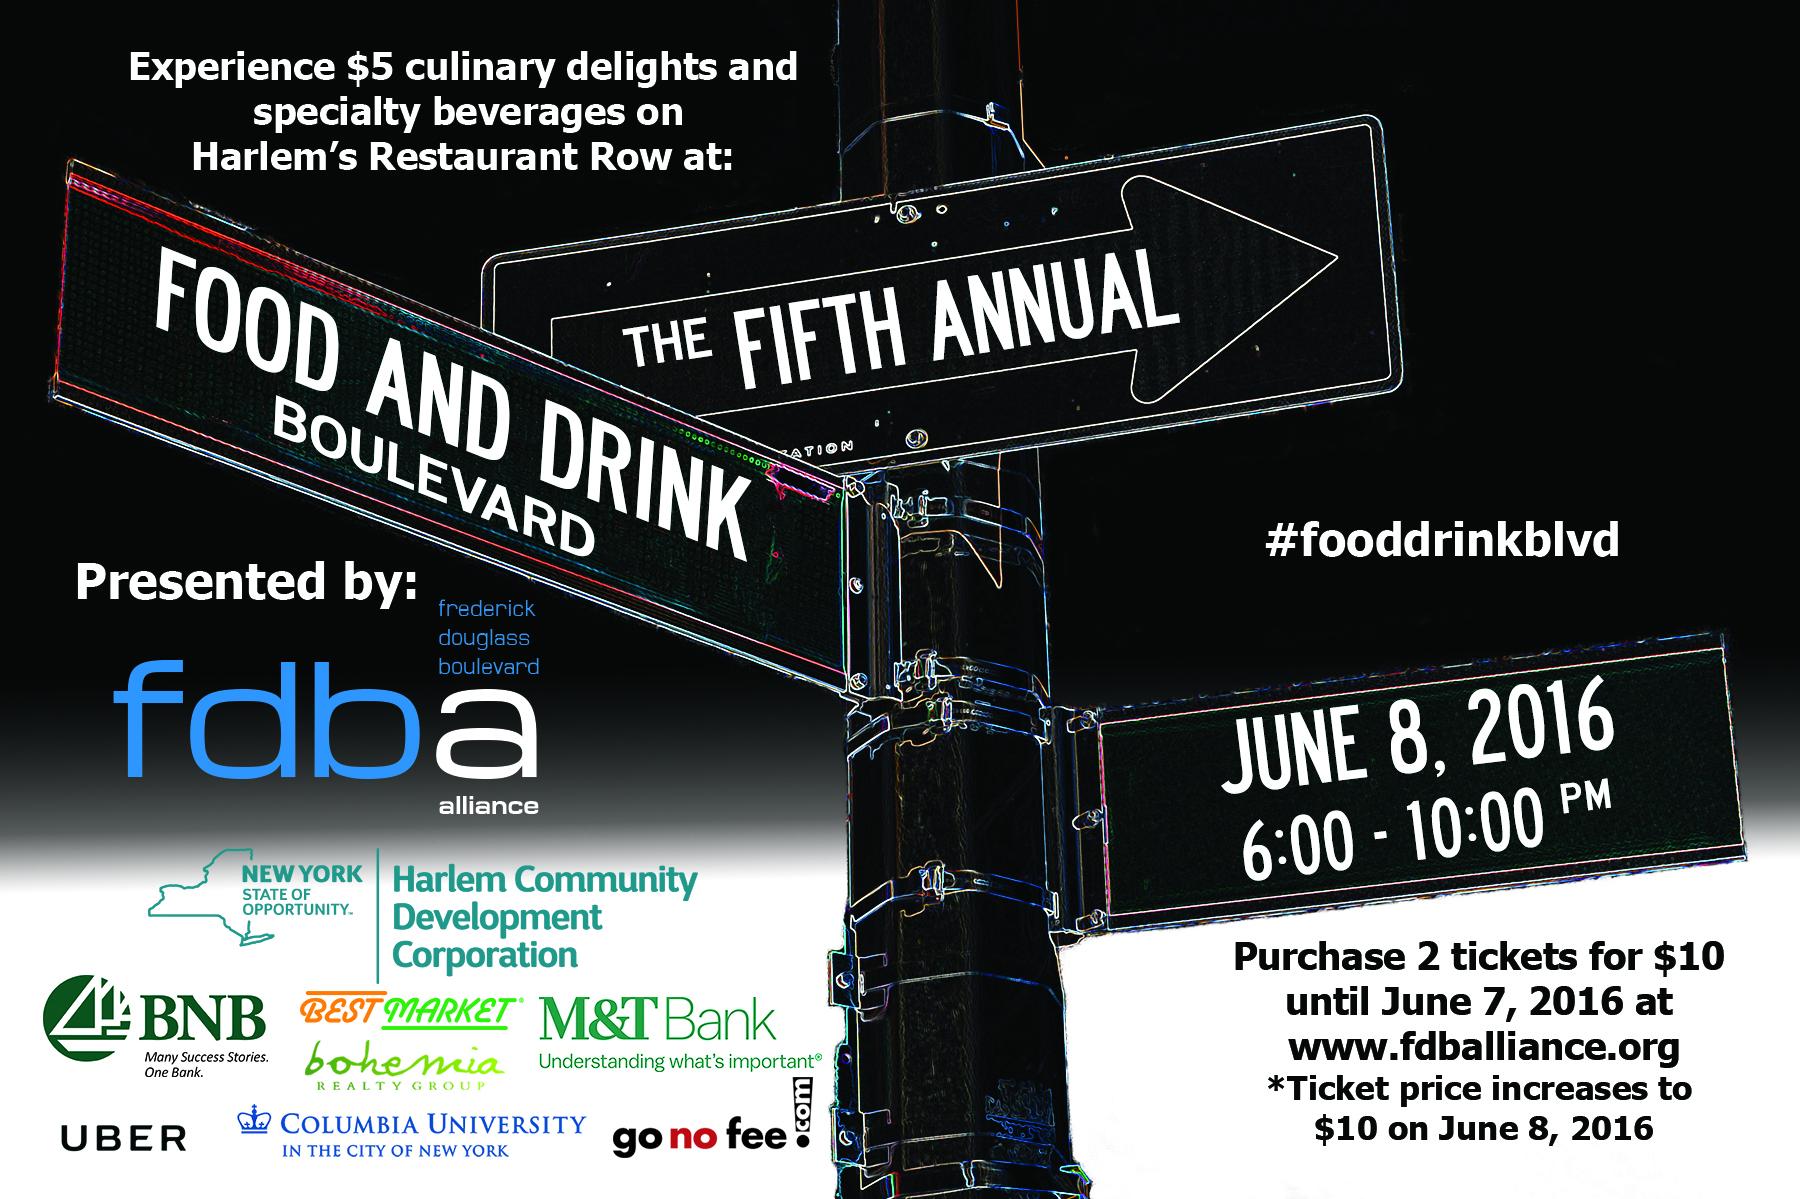 Food & Drink Boulevard 2016